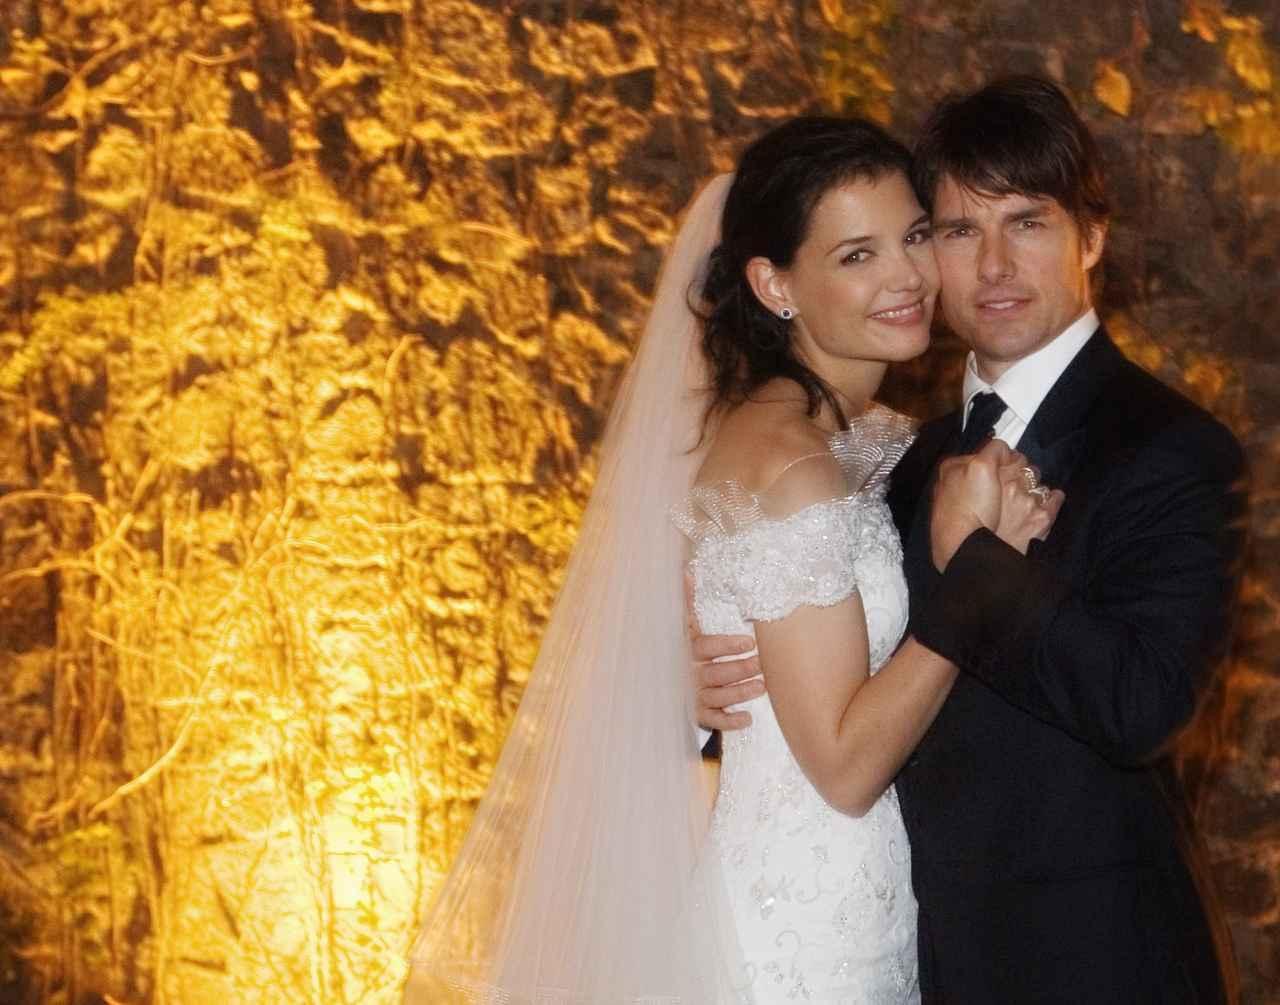 画像: ベッカム夫妻らセレブが多数出席したトム・クルーズの結婚式のアフターパーティーでDJした。